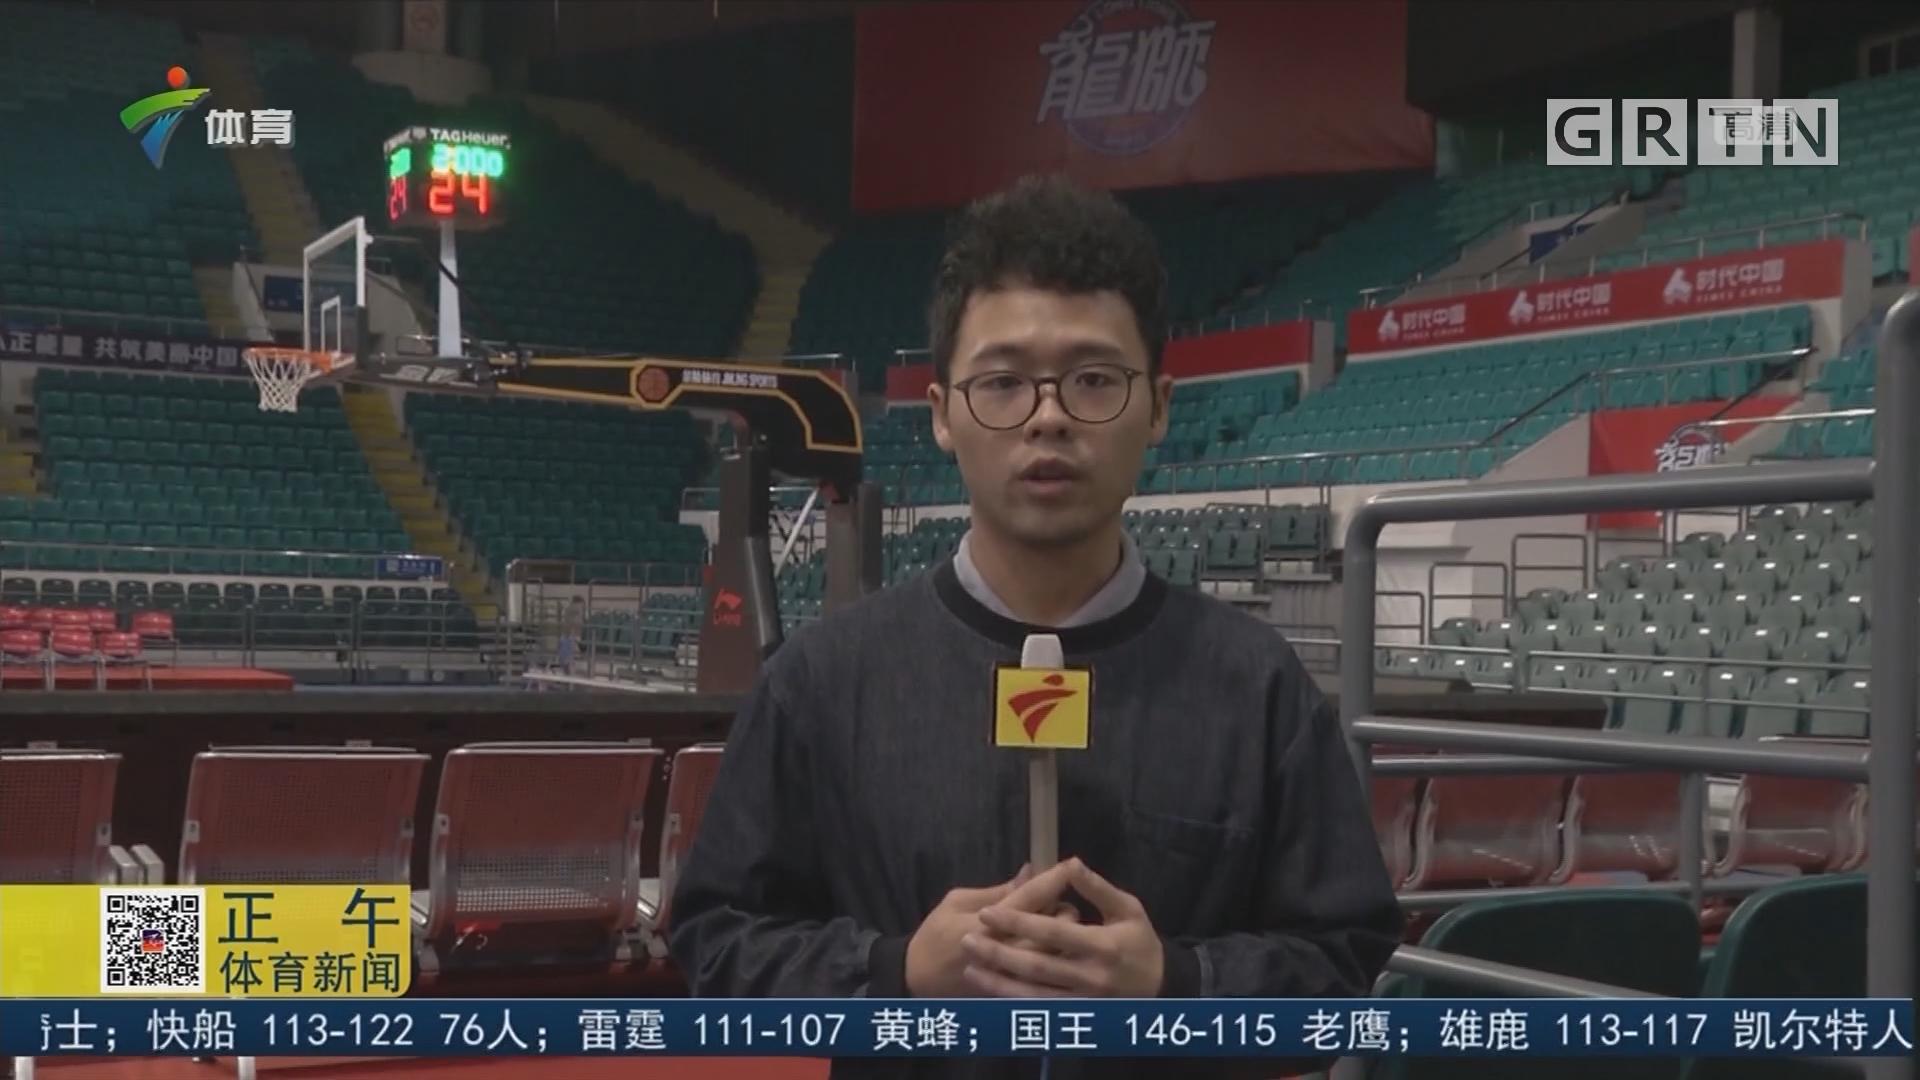 警惕内线 时代中国广州期待主场连胜